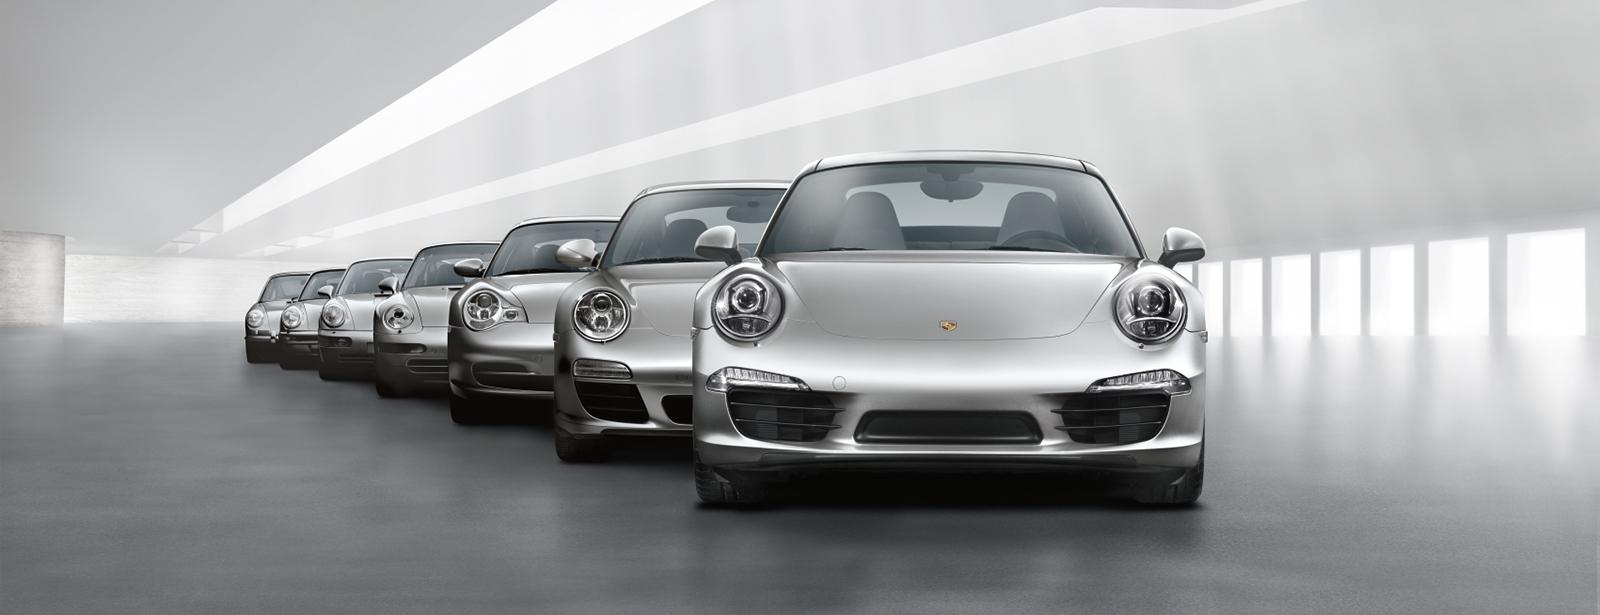 Die Porsche Anschluss-/Individual-/Gebrauchtwagengarantie